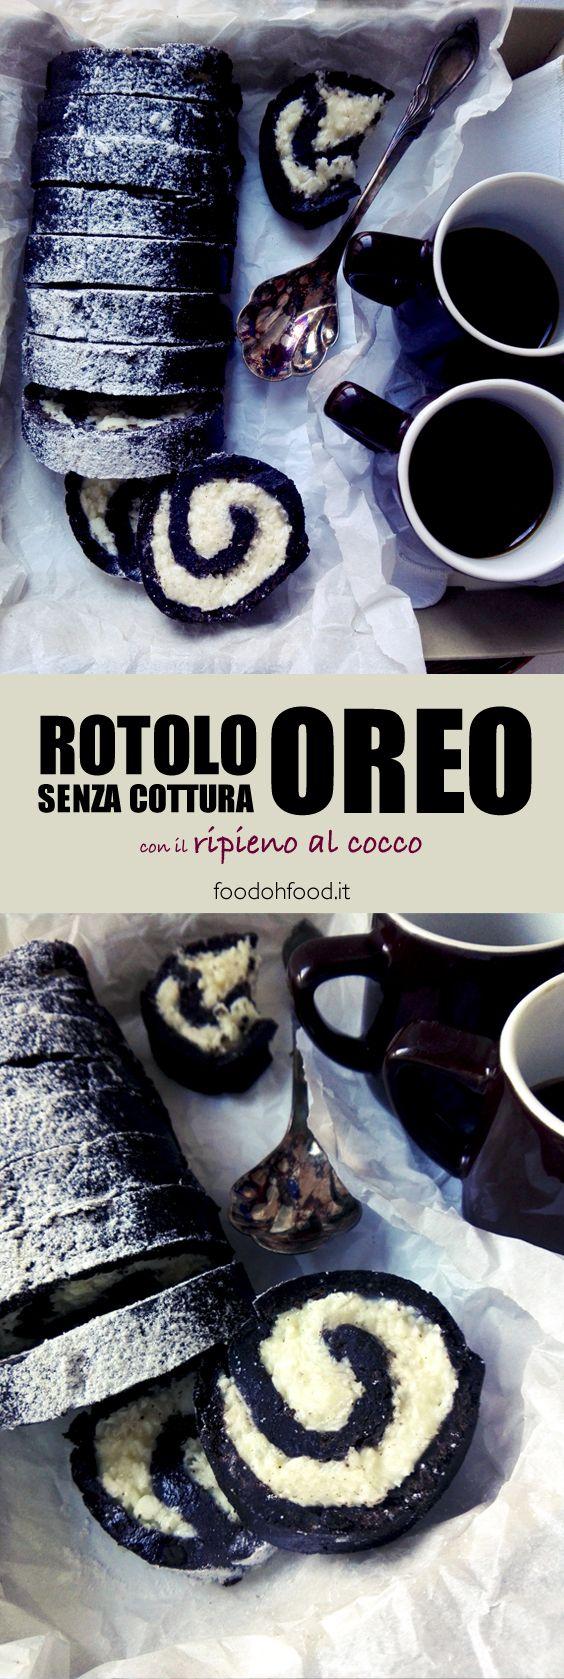 Un modo sfizioso per creare un rotolo al cacao con il ripieno al cocco usando i biscotti Oreo. Questo goloso rotolo è un dolce freddo, buonissimo, facile e senza cottura!